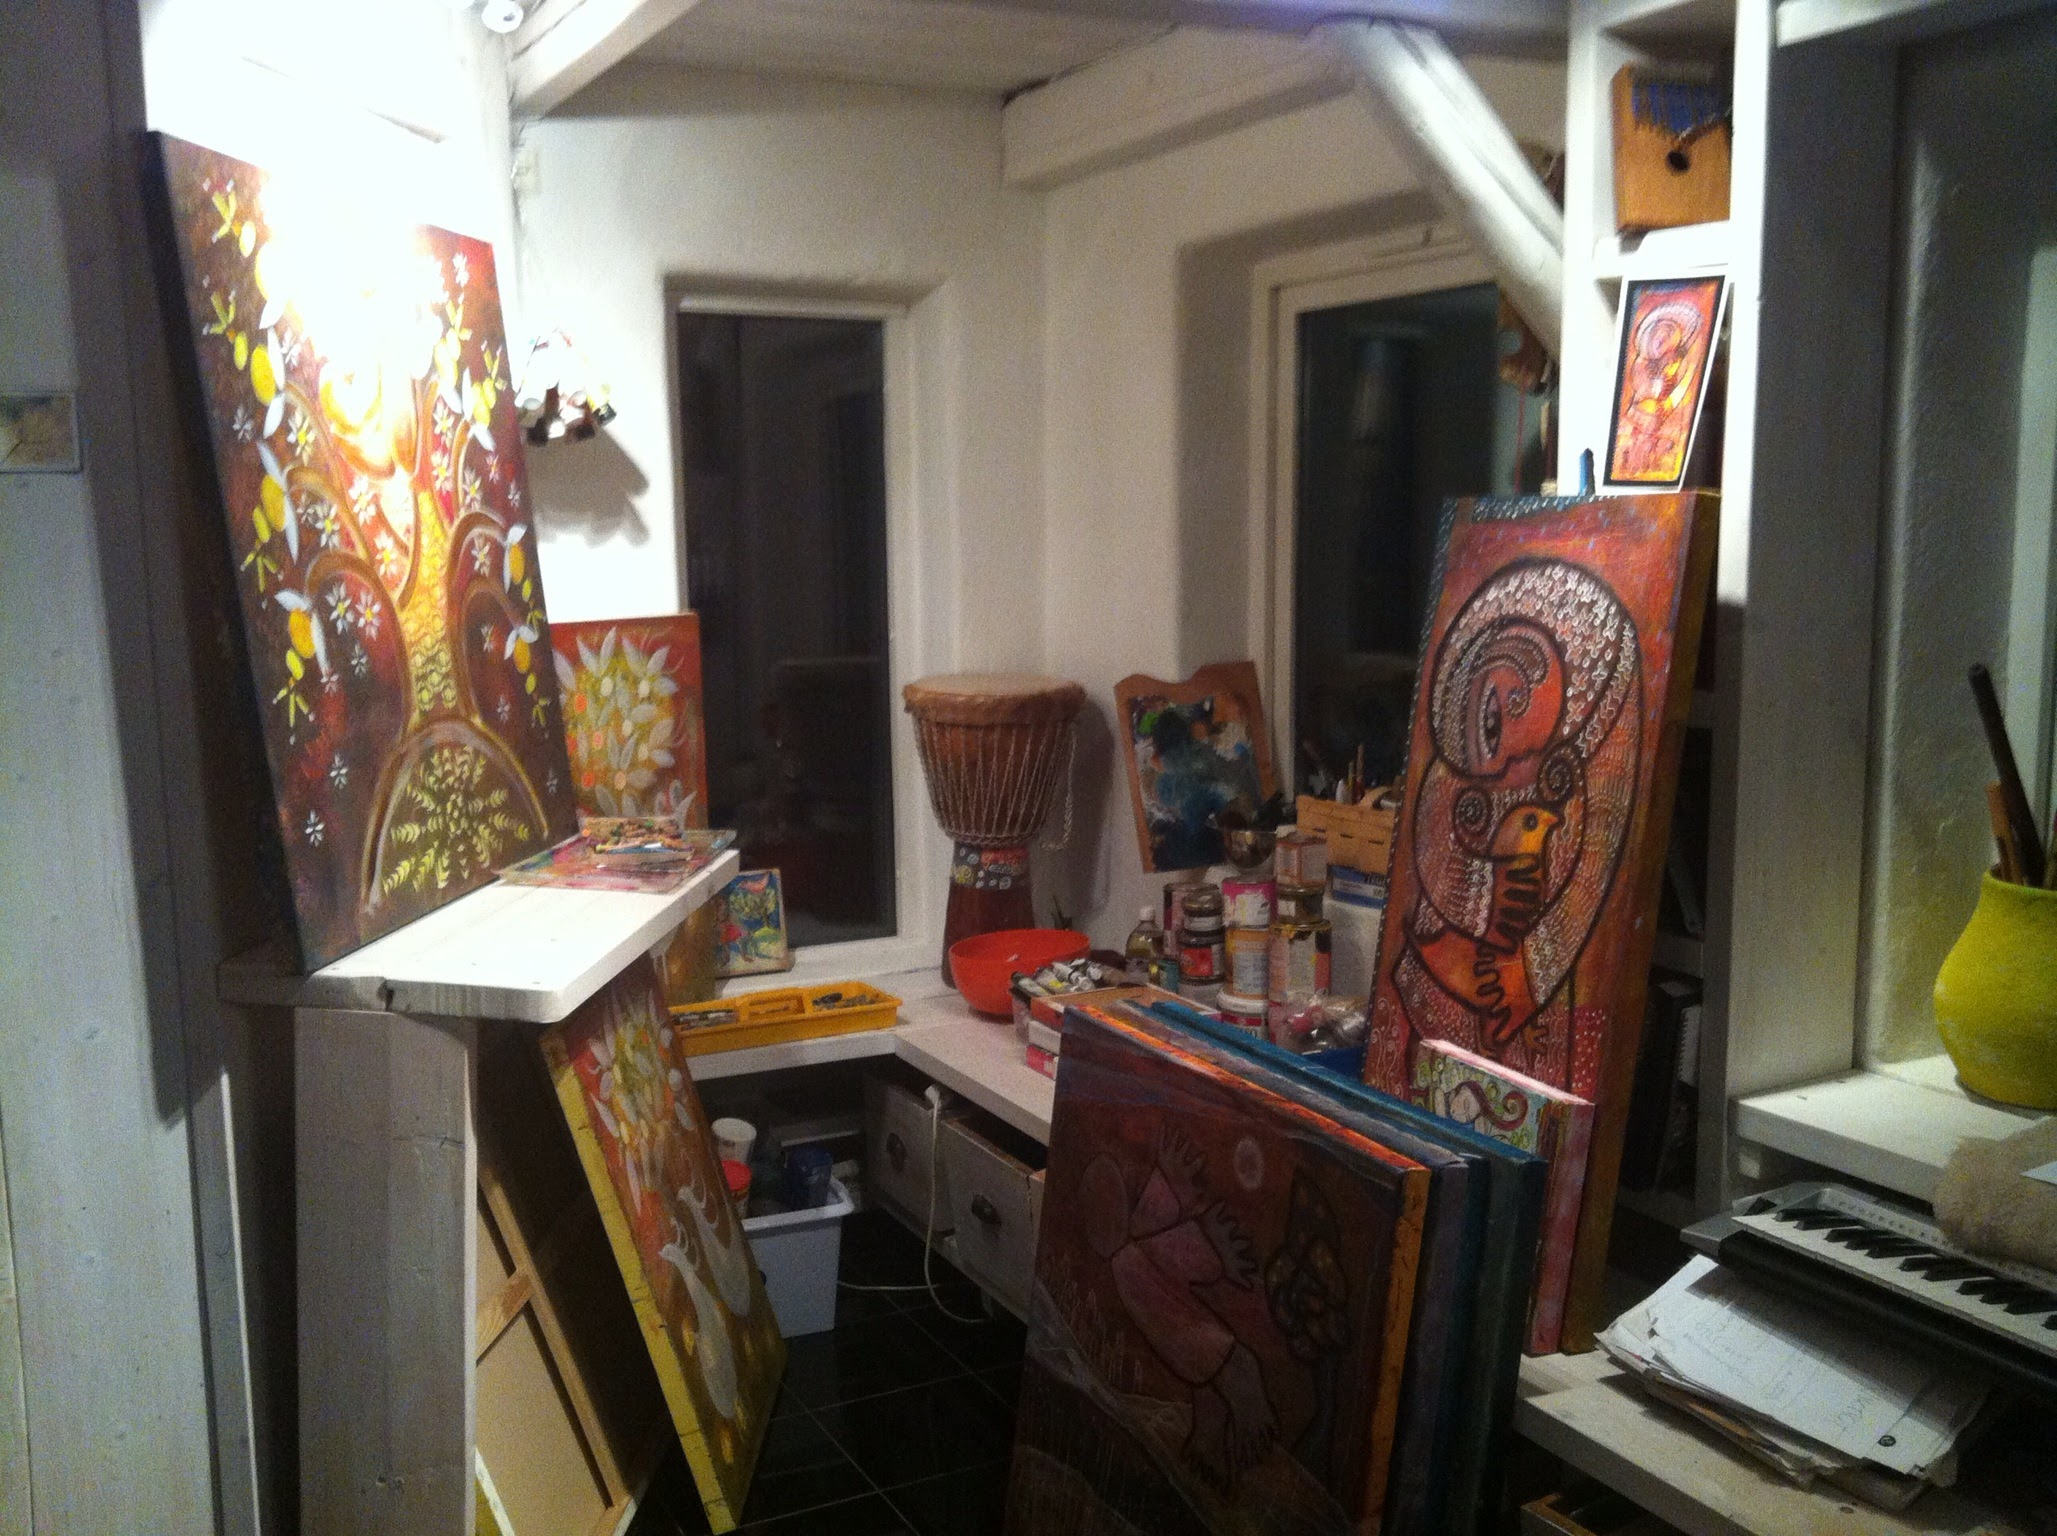 Natt i ateljehusets verkstad.